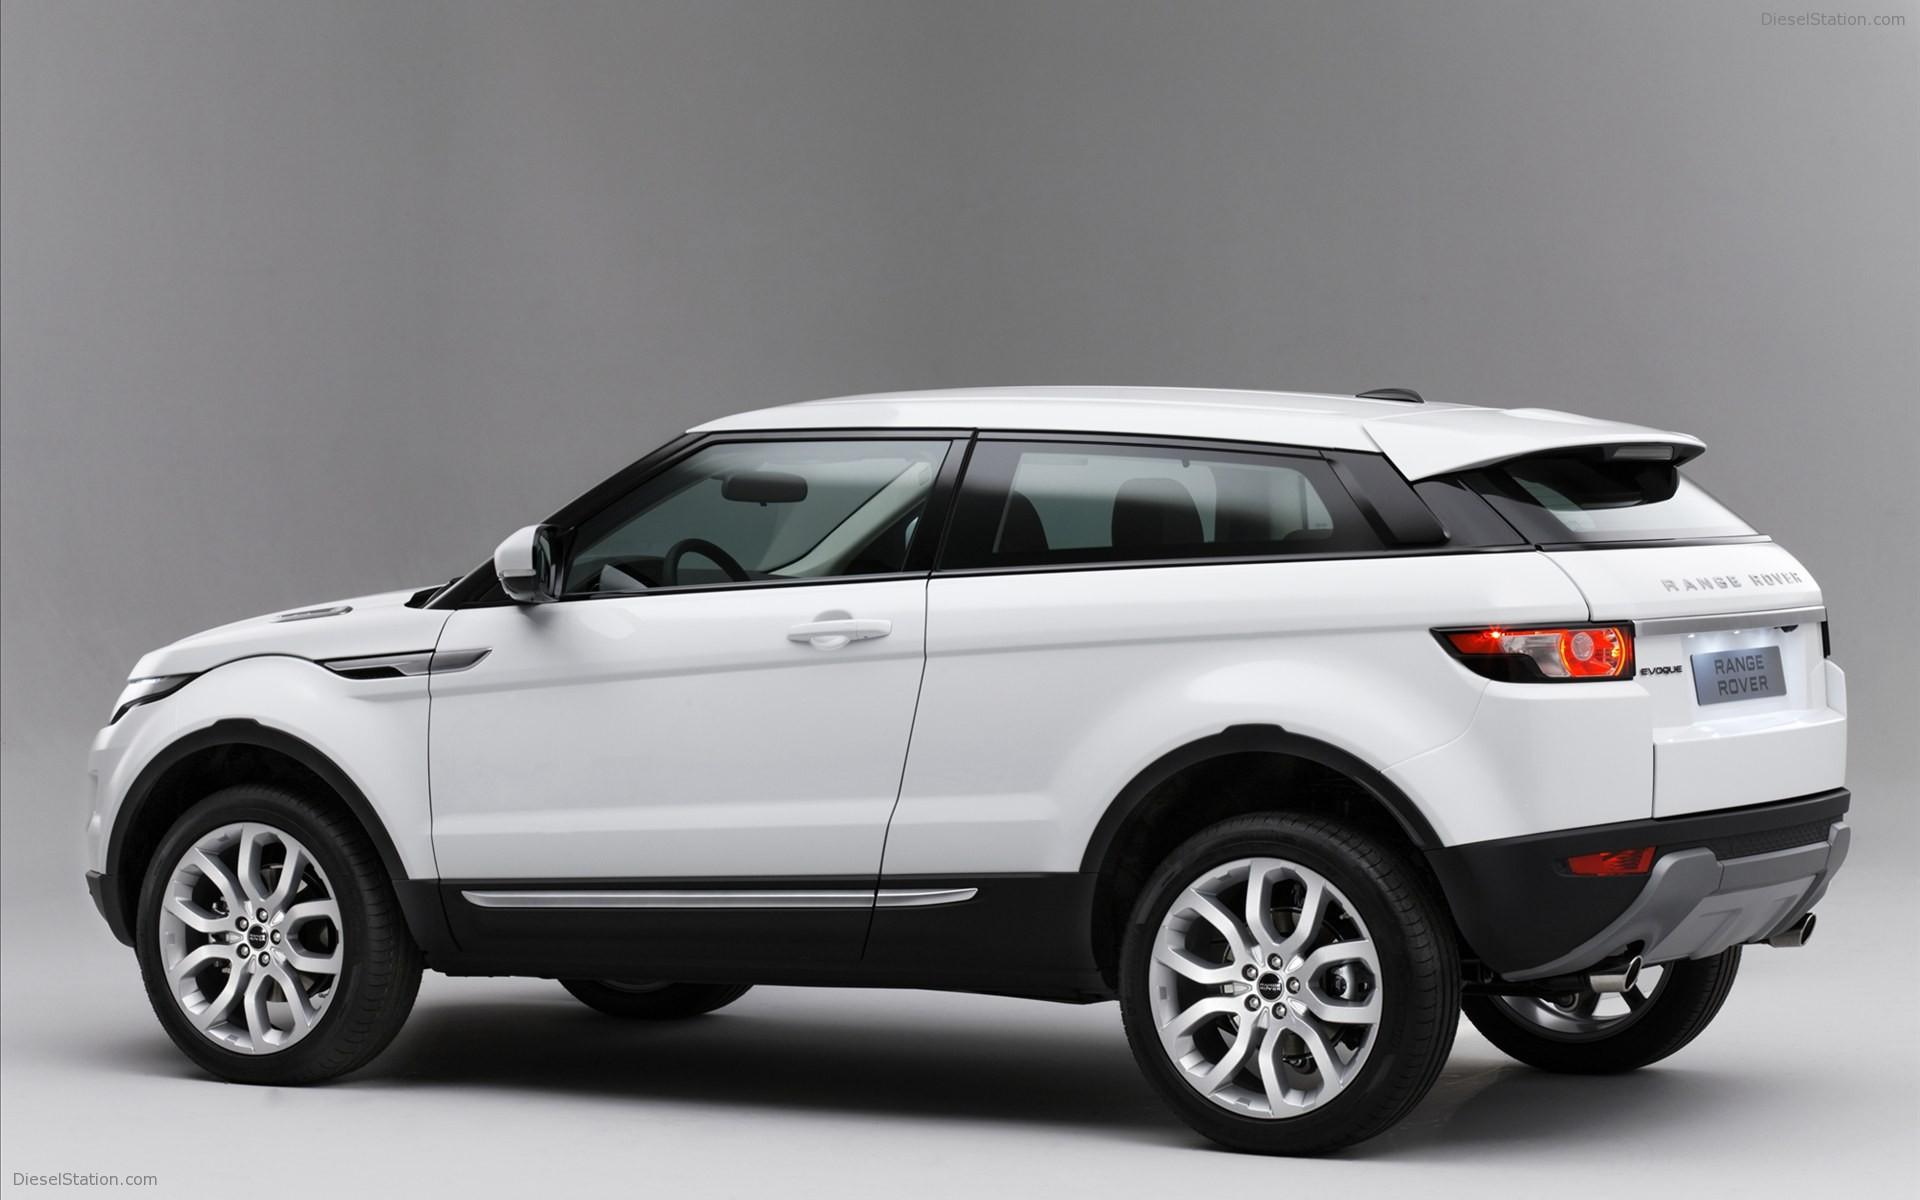 Land Rover Range Rover Evoque widescreen Wallpapers Desktop Download